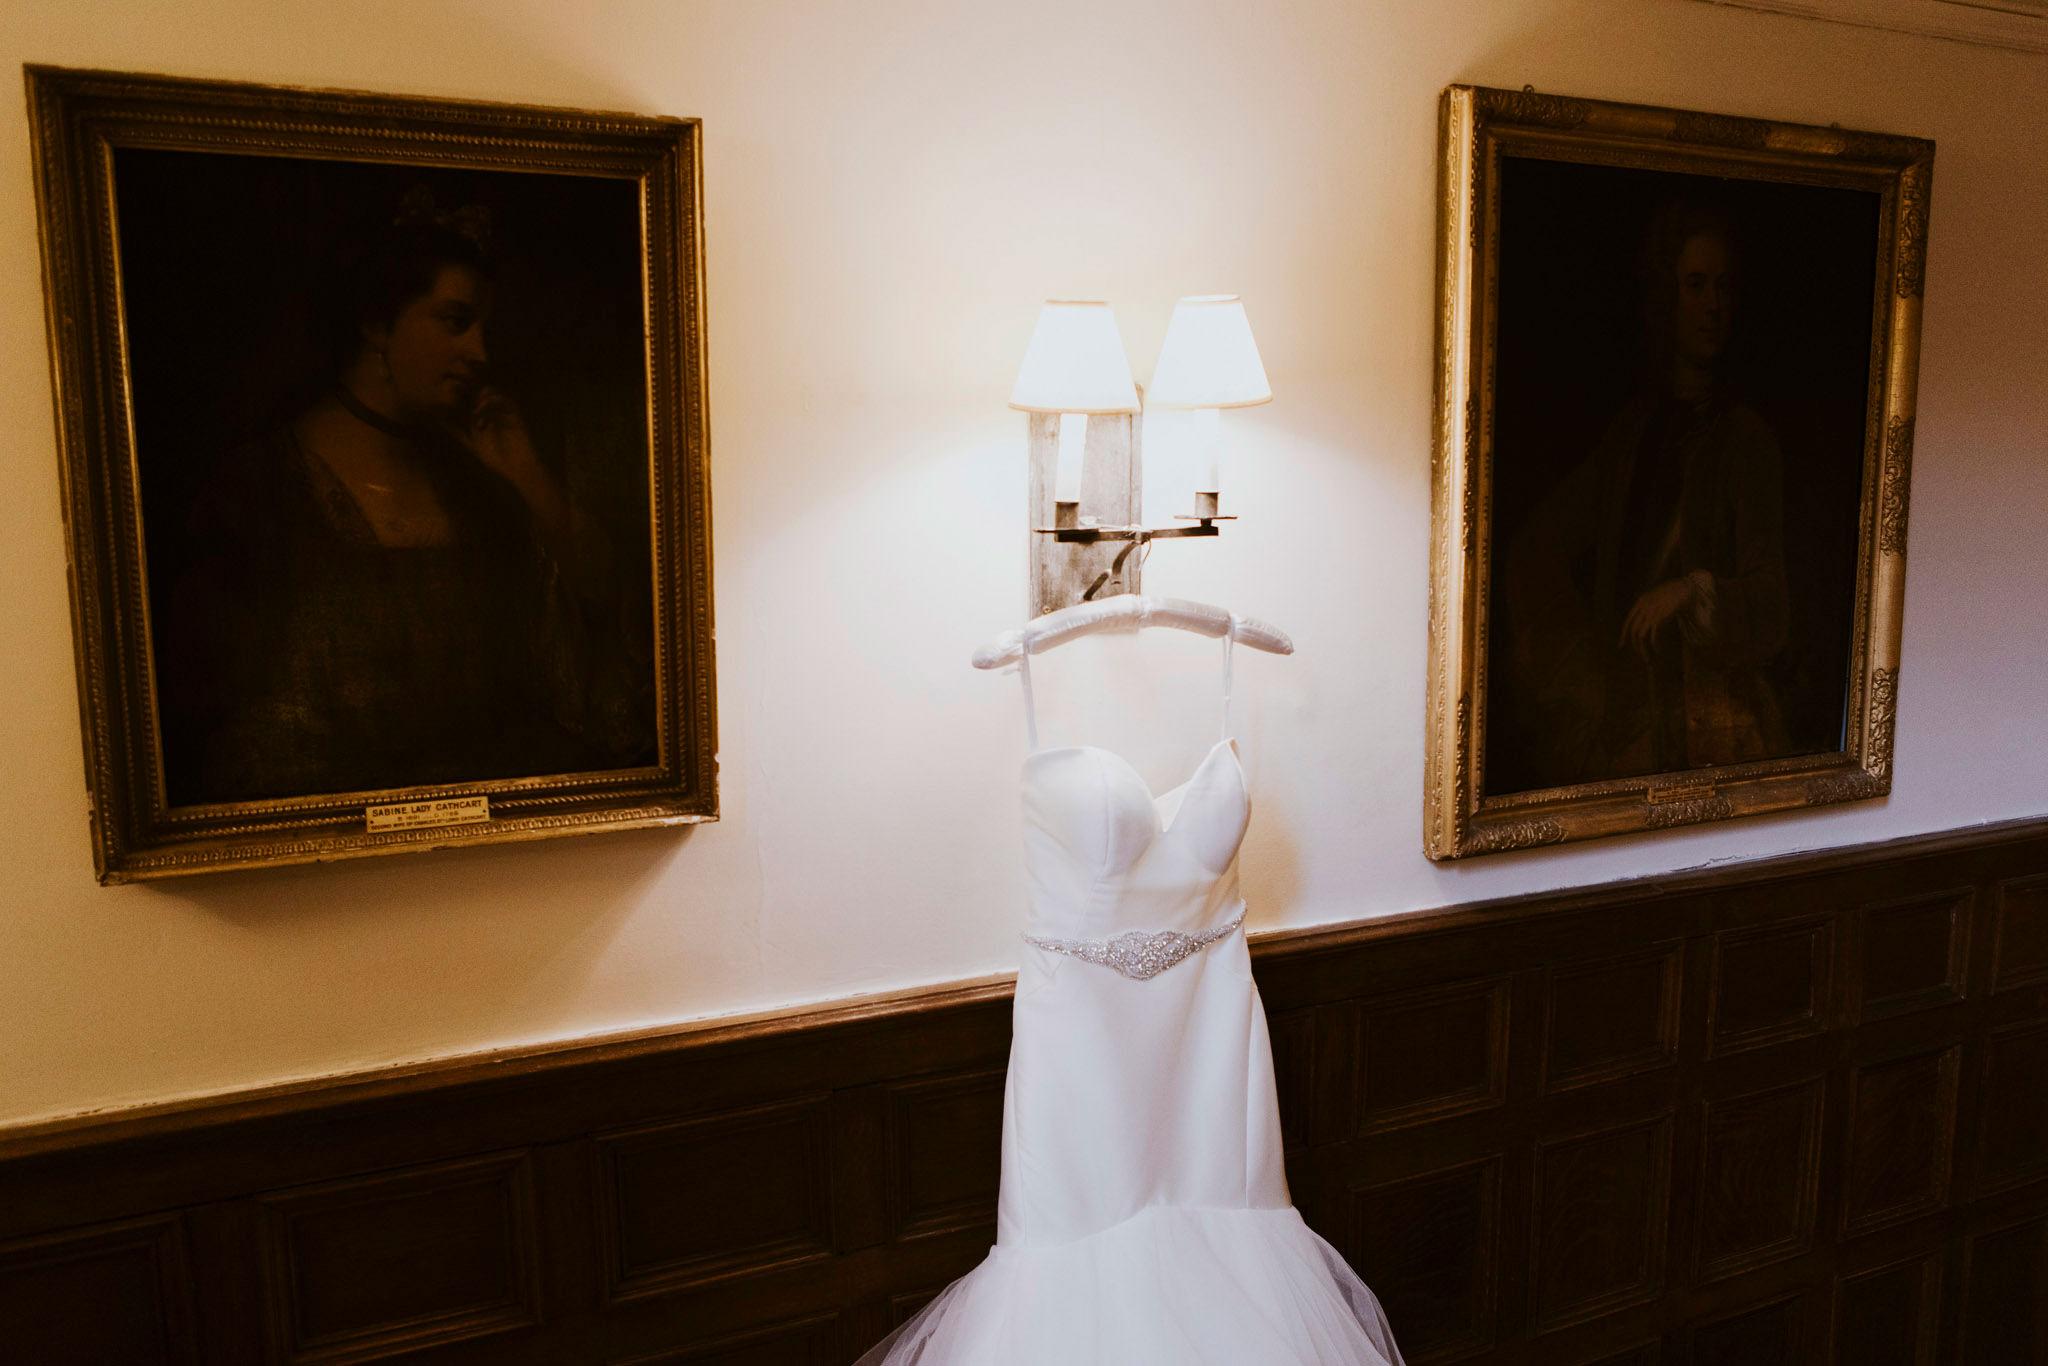 scotland-wedding-elopement-photographer-004.jpg